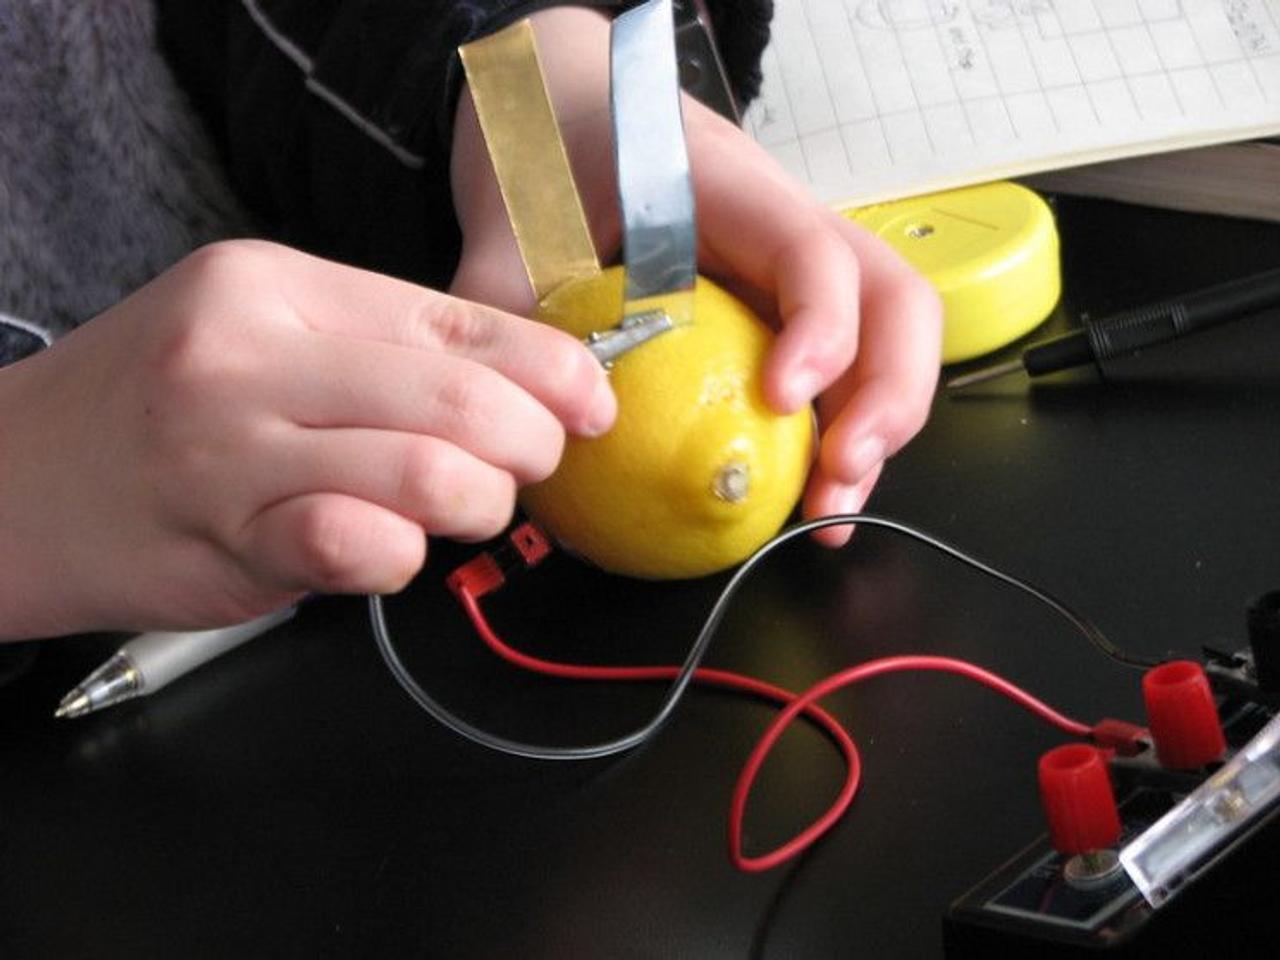 Сколько можно получить электричества из обычного лимона?